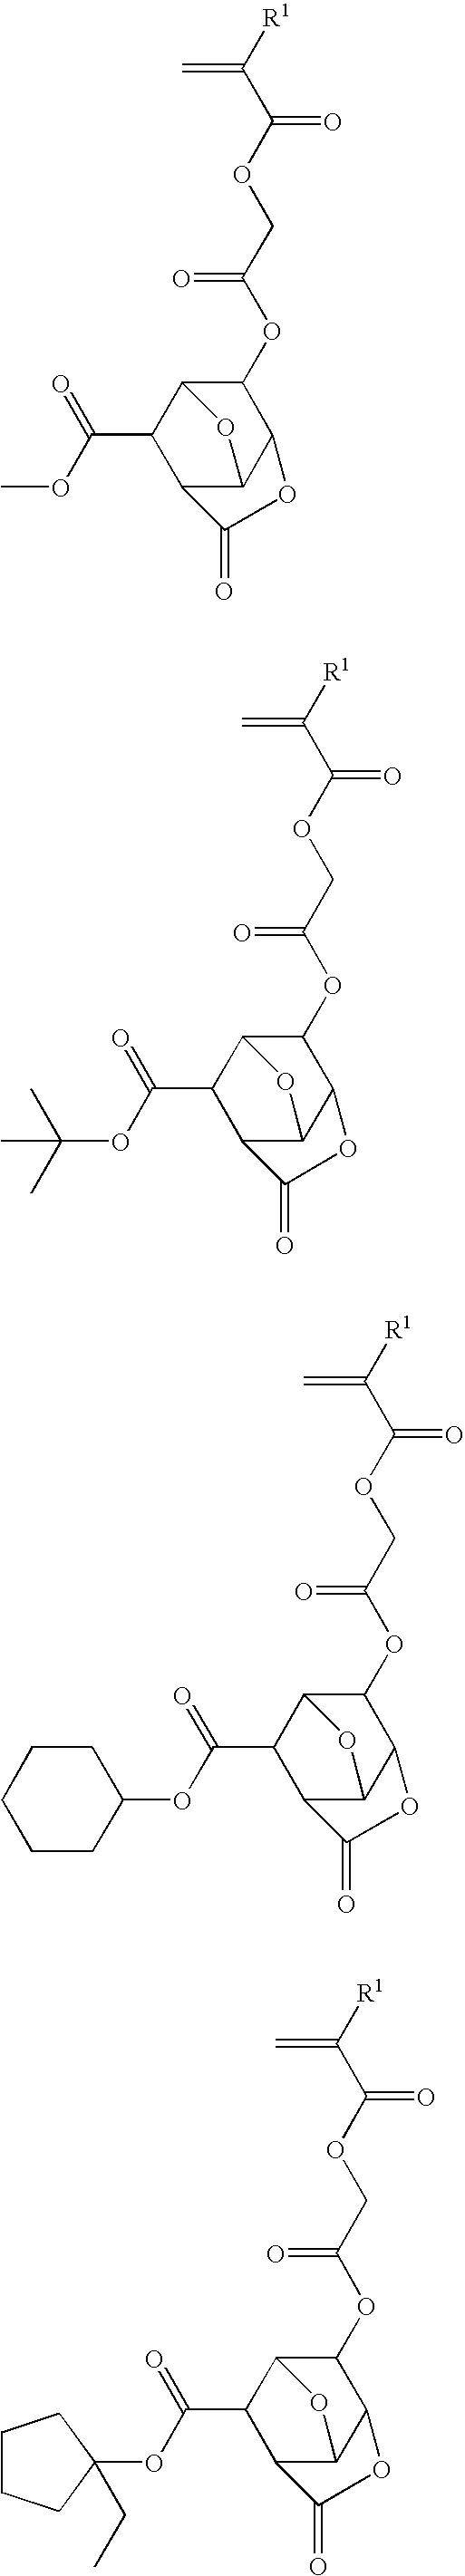 Figure US20080026331A1-20080131-C00013